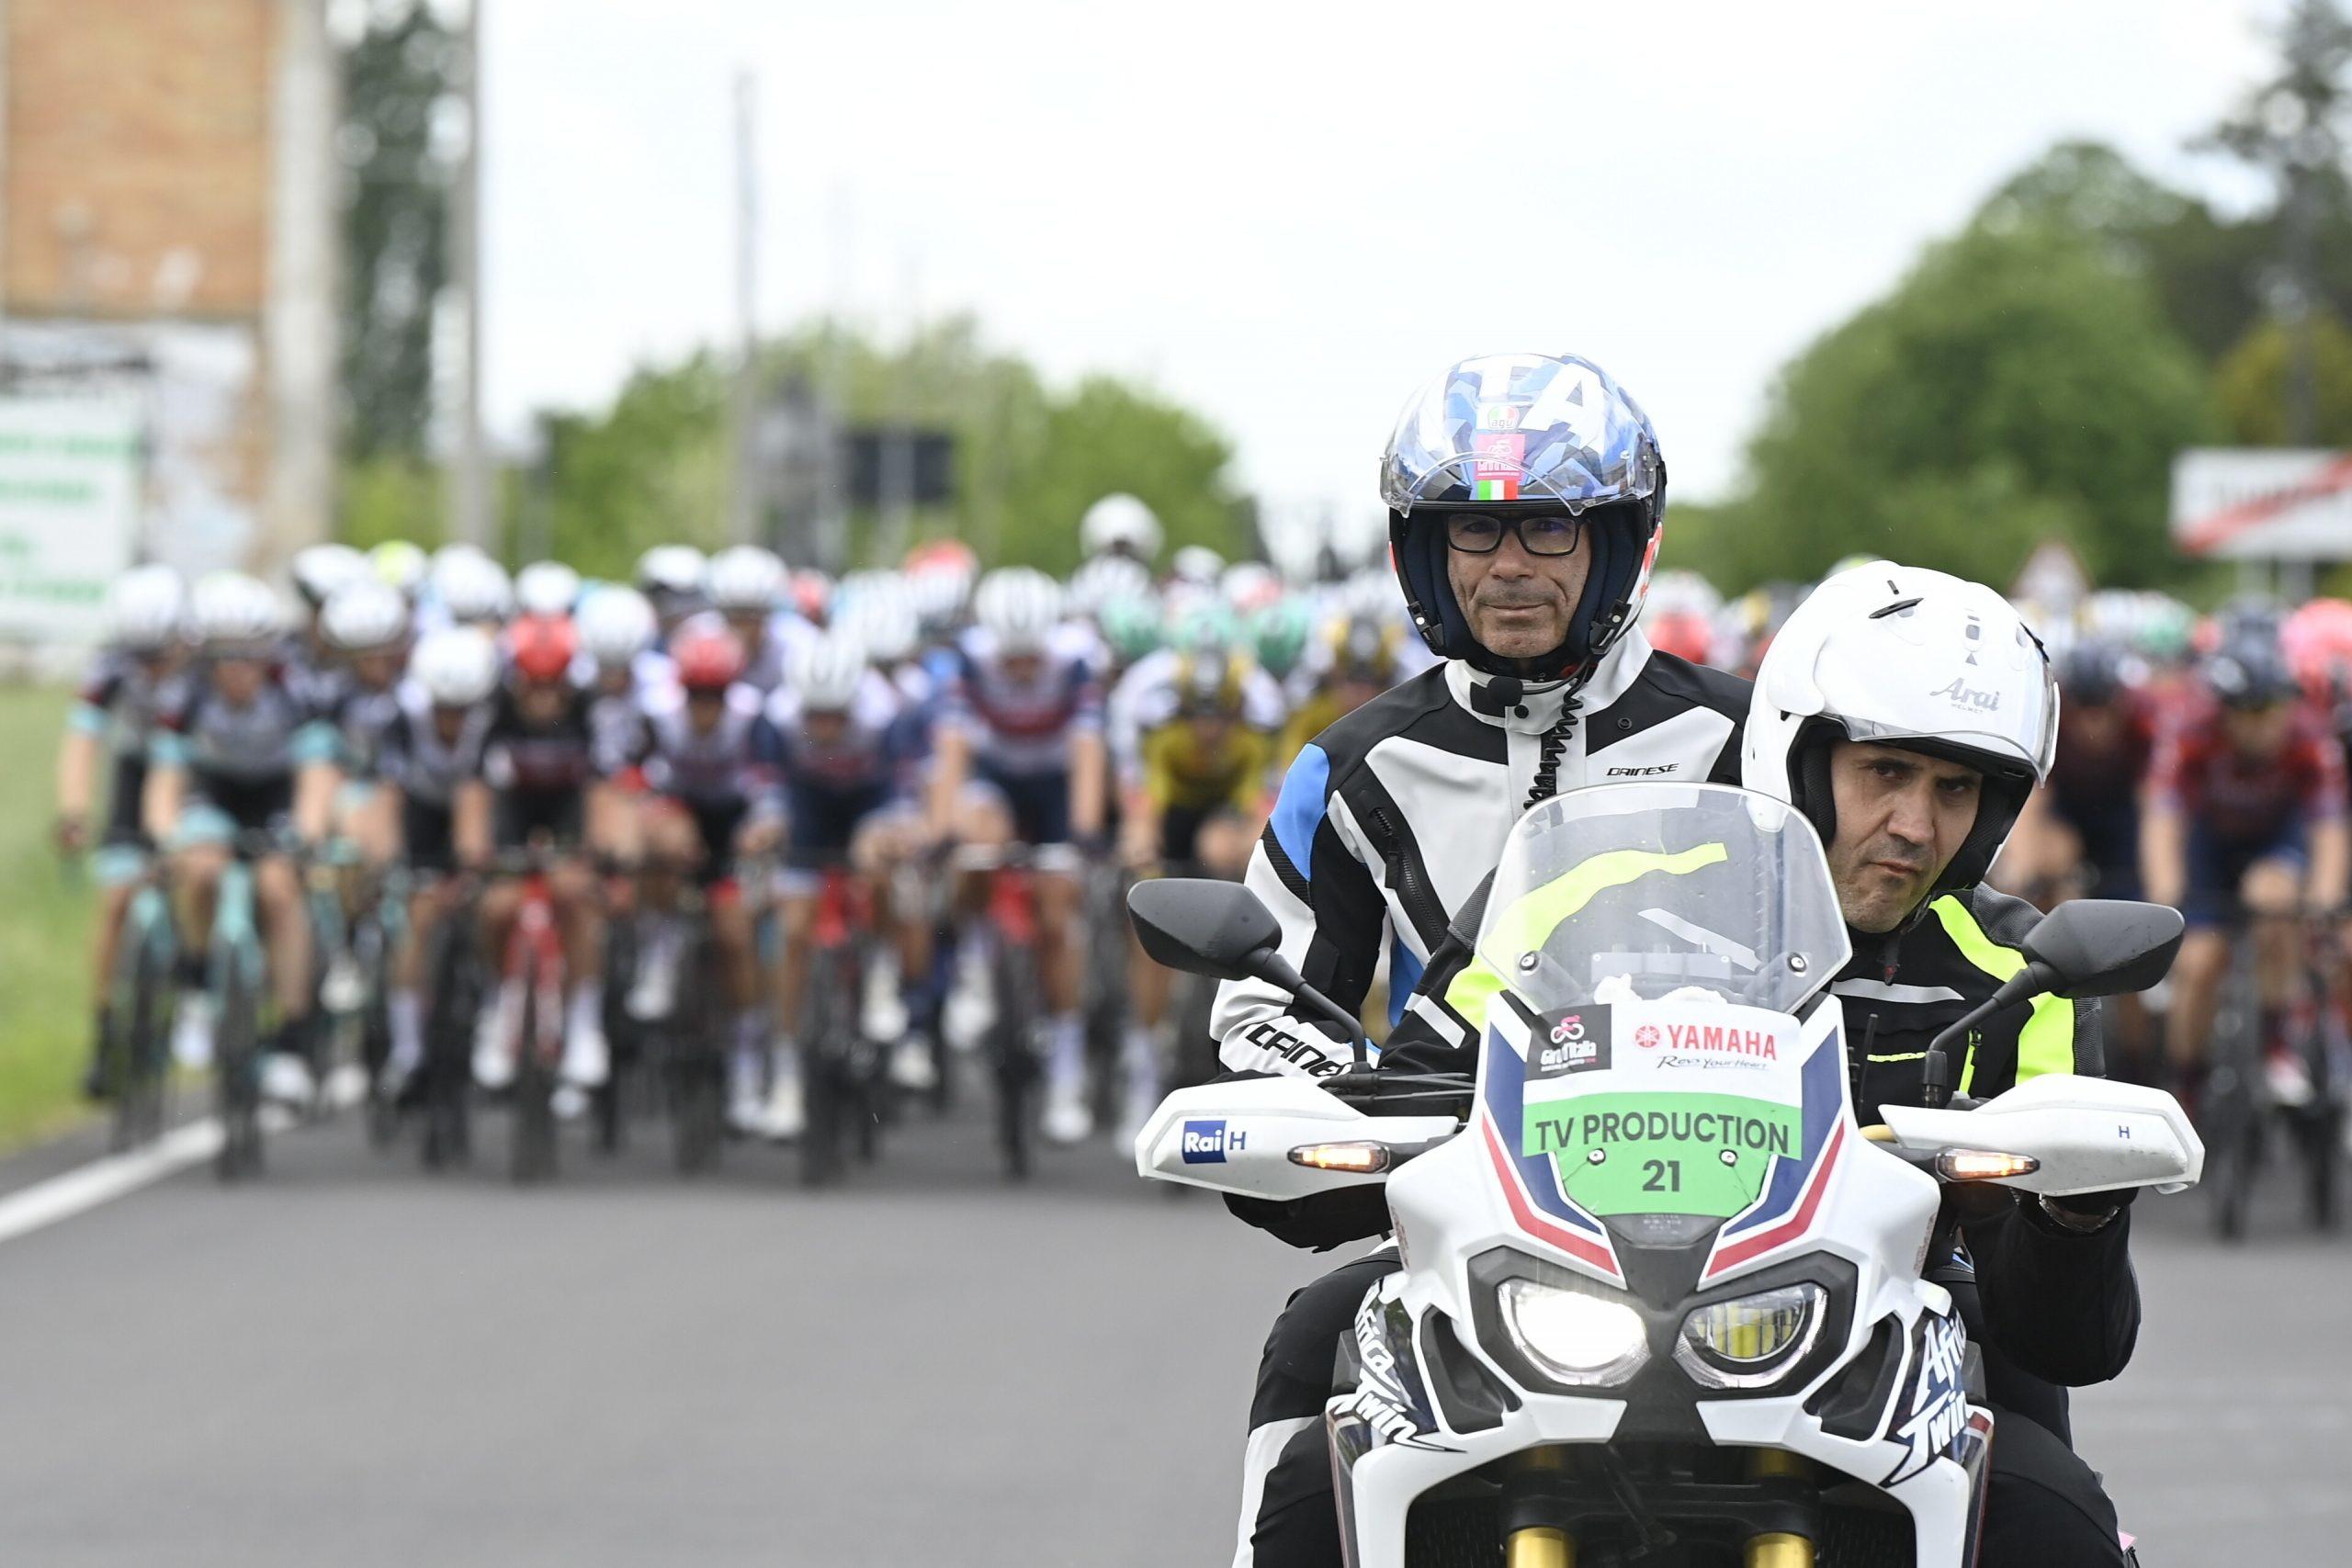 L'australiano Caleb Ewan ha vinto la quinta tappa del Giro d'Italia 2021. Il velocista della Lotto Soudal non ha lasciato scampo agli avversari nella volata di Cattolica, sopravanzando negli ultimi metri il campione europeo Giacomo Nizzolo.